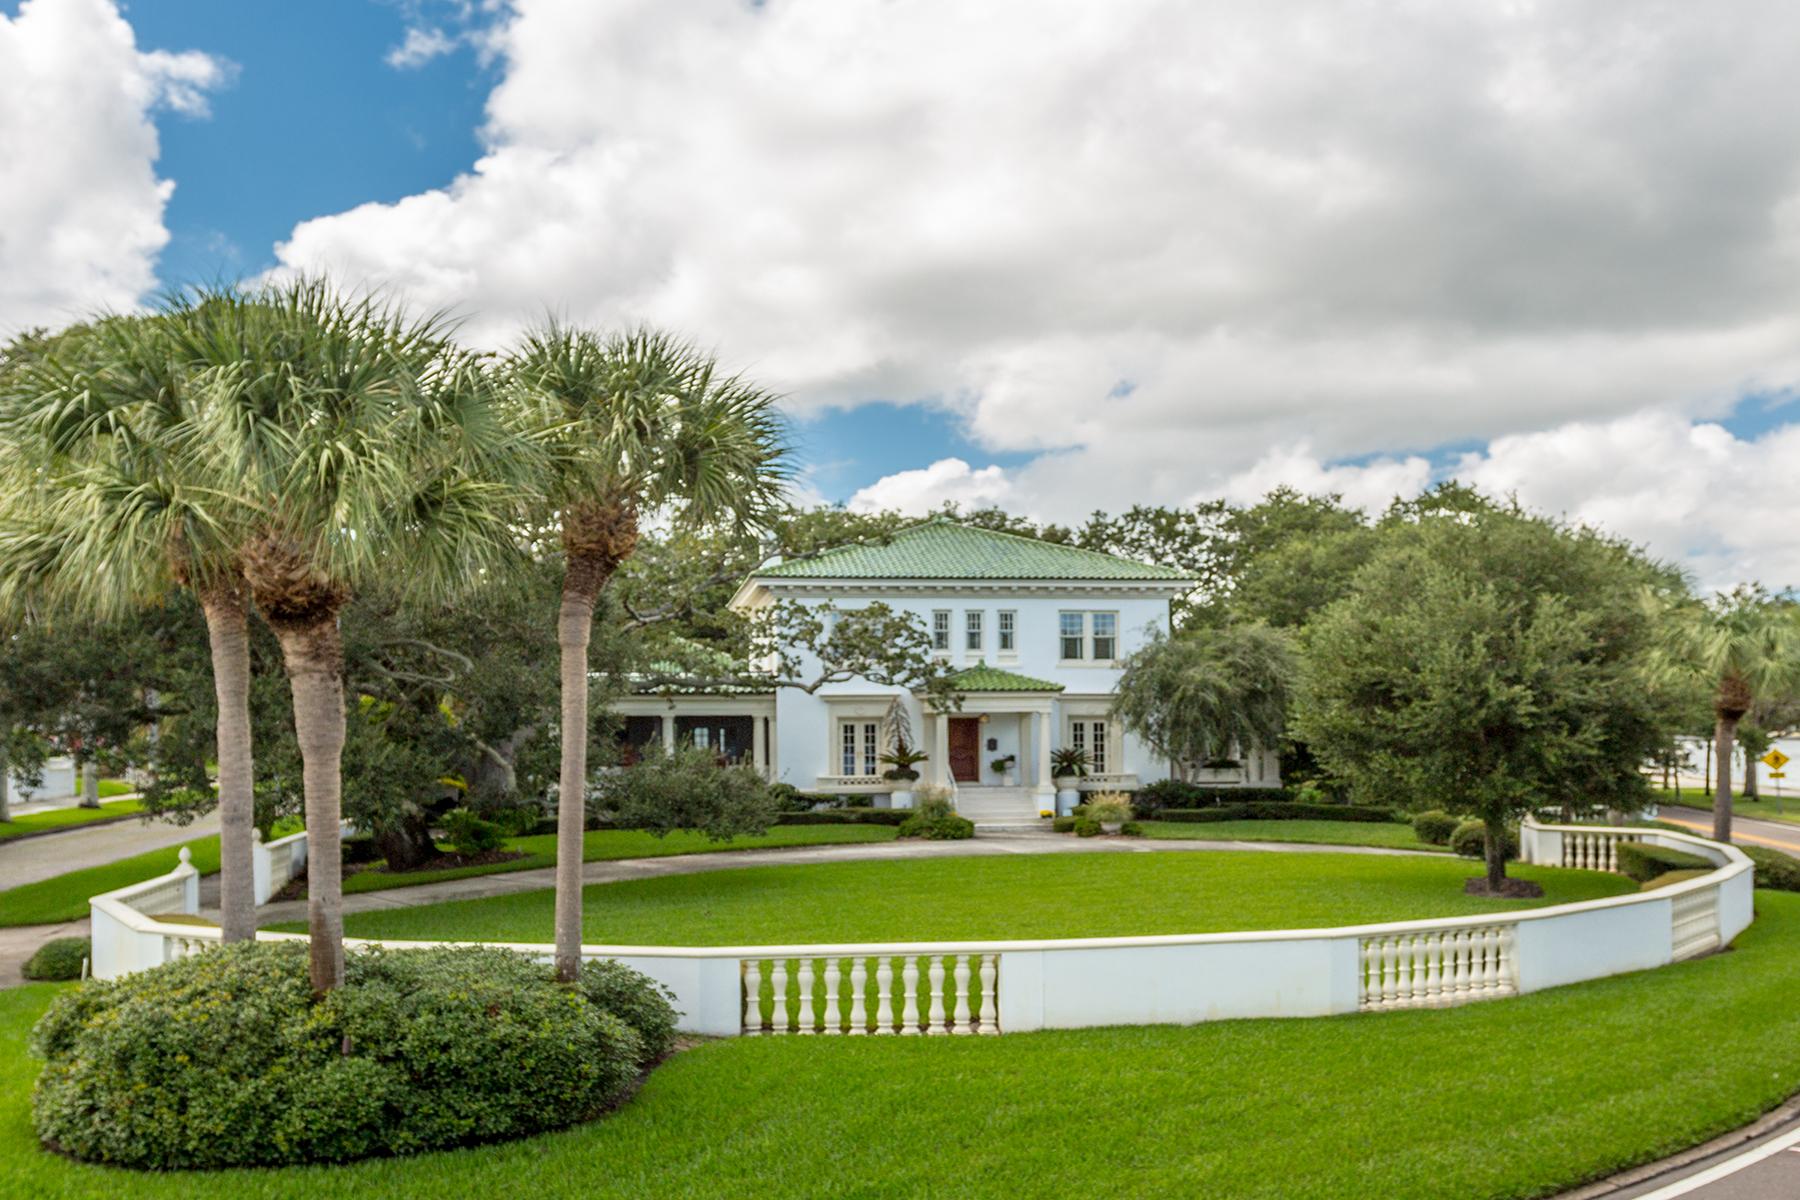 단독 가정 주택 용 매매 에 ST. PETERSBURG 1800 Northshore Dr NE Snell Isle, St. Petersburg, 플로리다, 33704 미국